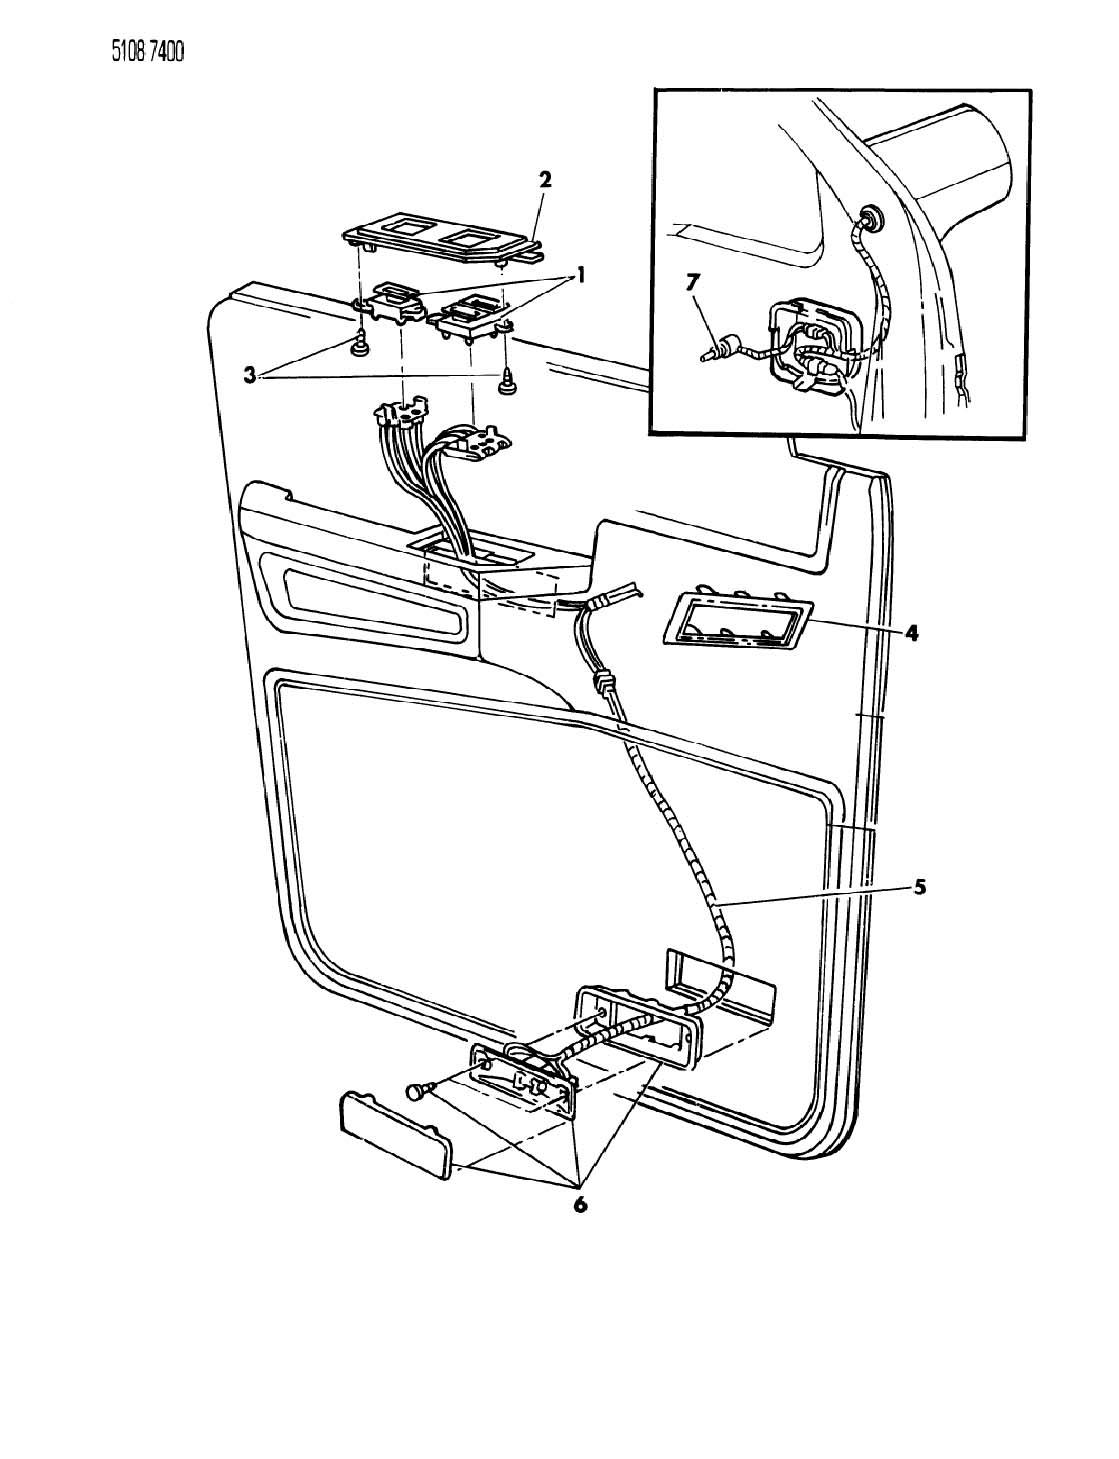 [DIAGRAM] Buick Rendezvous Door Lock Switch Wiring Diagram